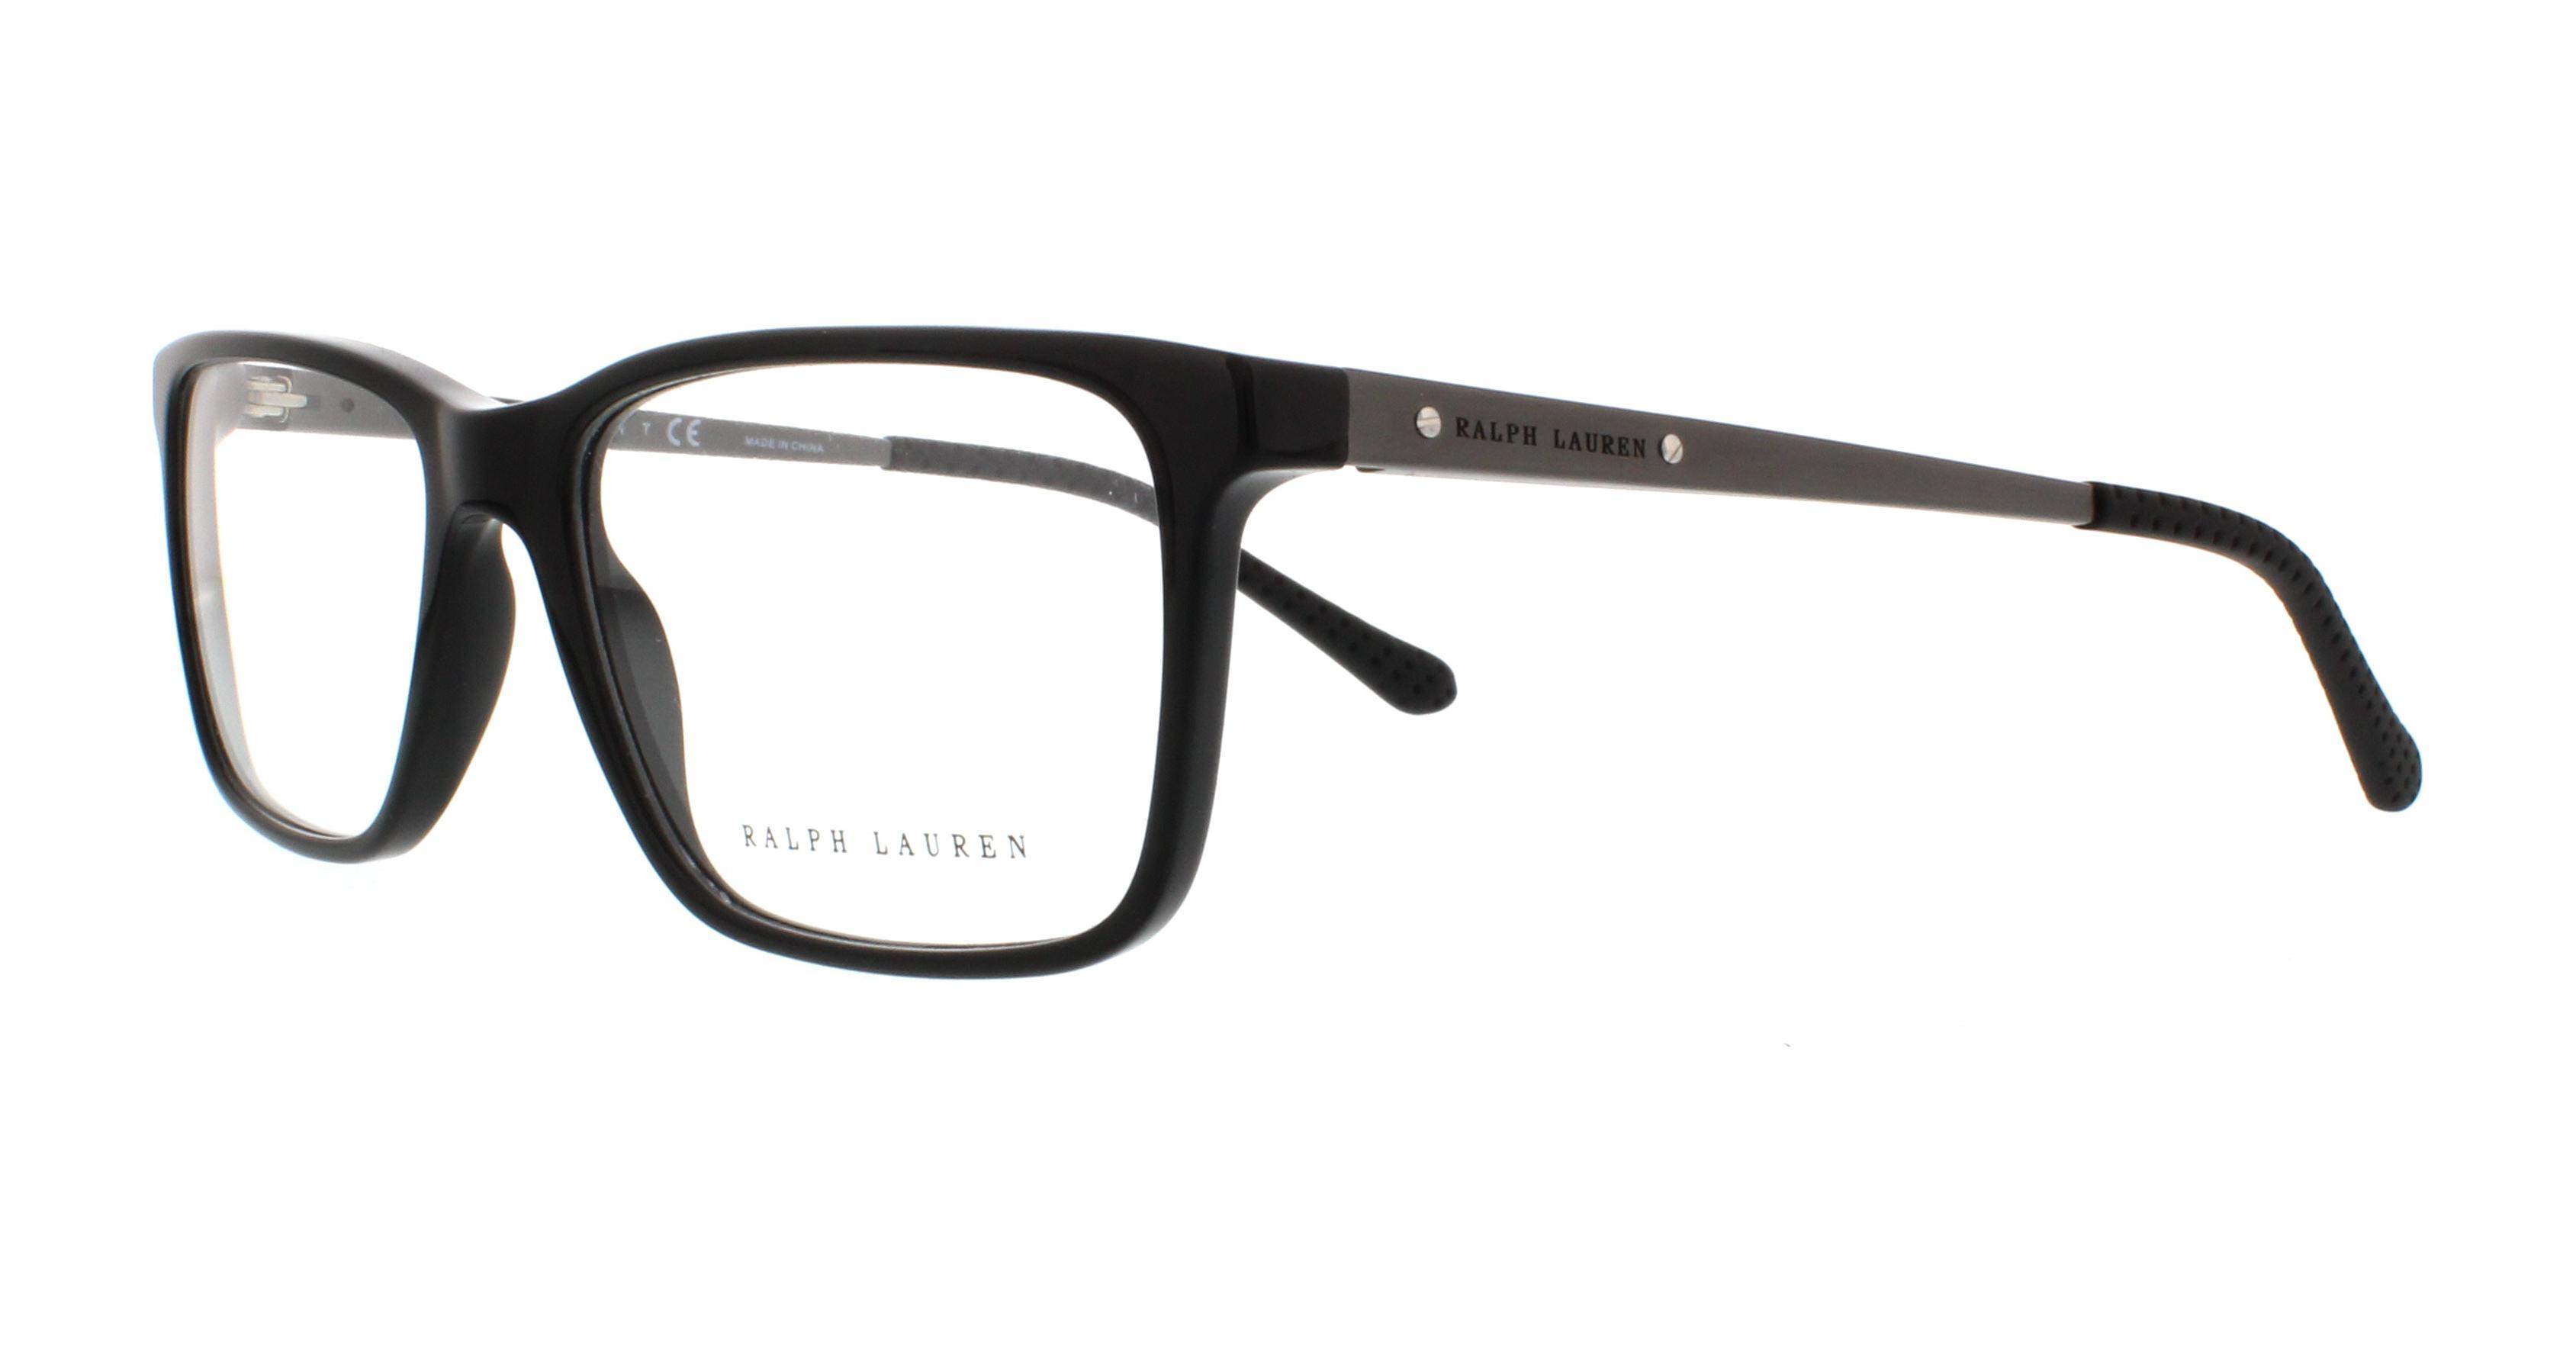 c3cccd7cd7 RALPH LAUREN Eyeglasses RL6133 5001 Black 54MM